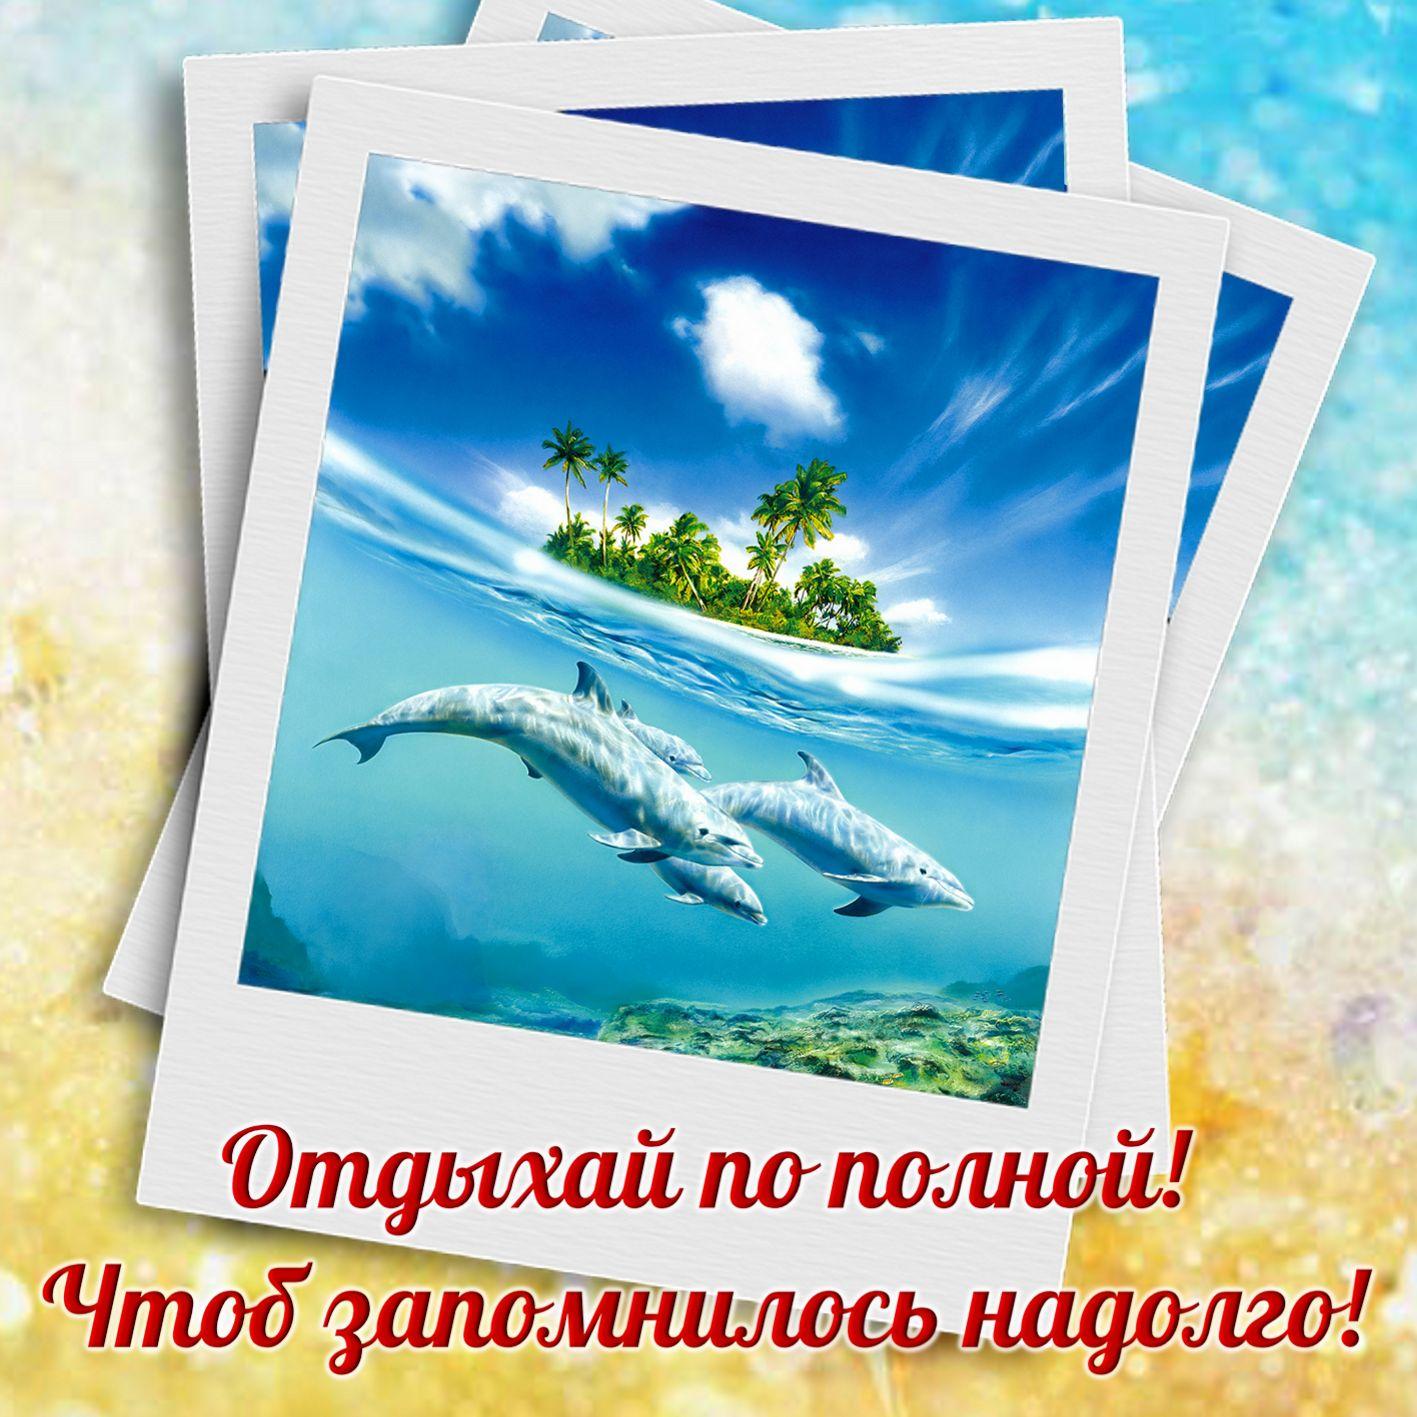 Отправка открыток из отпуска, открытках